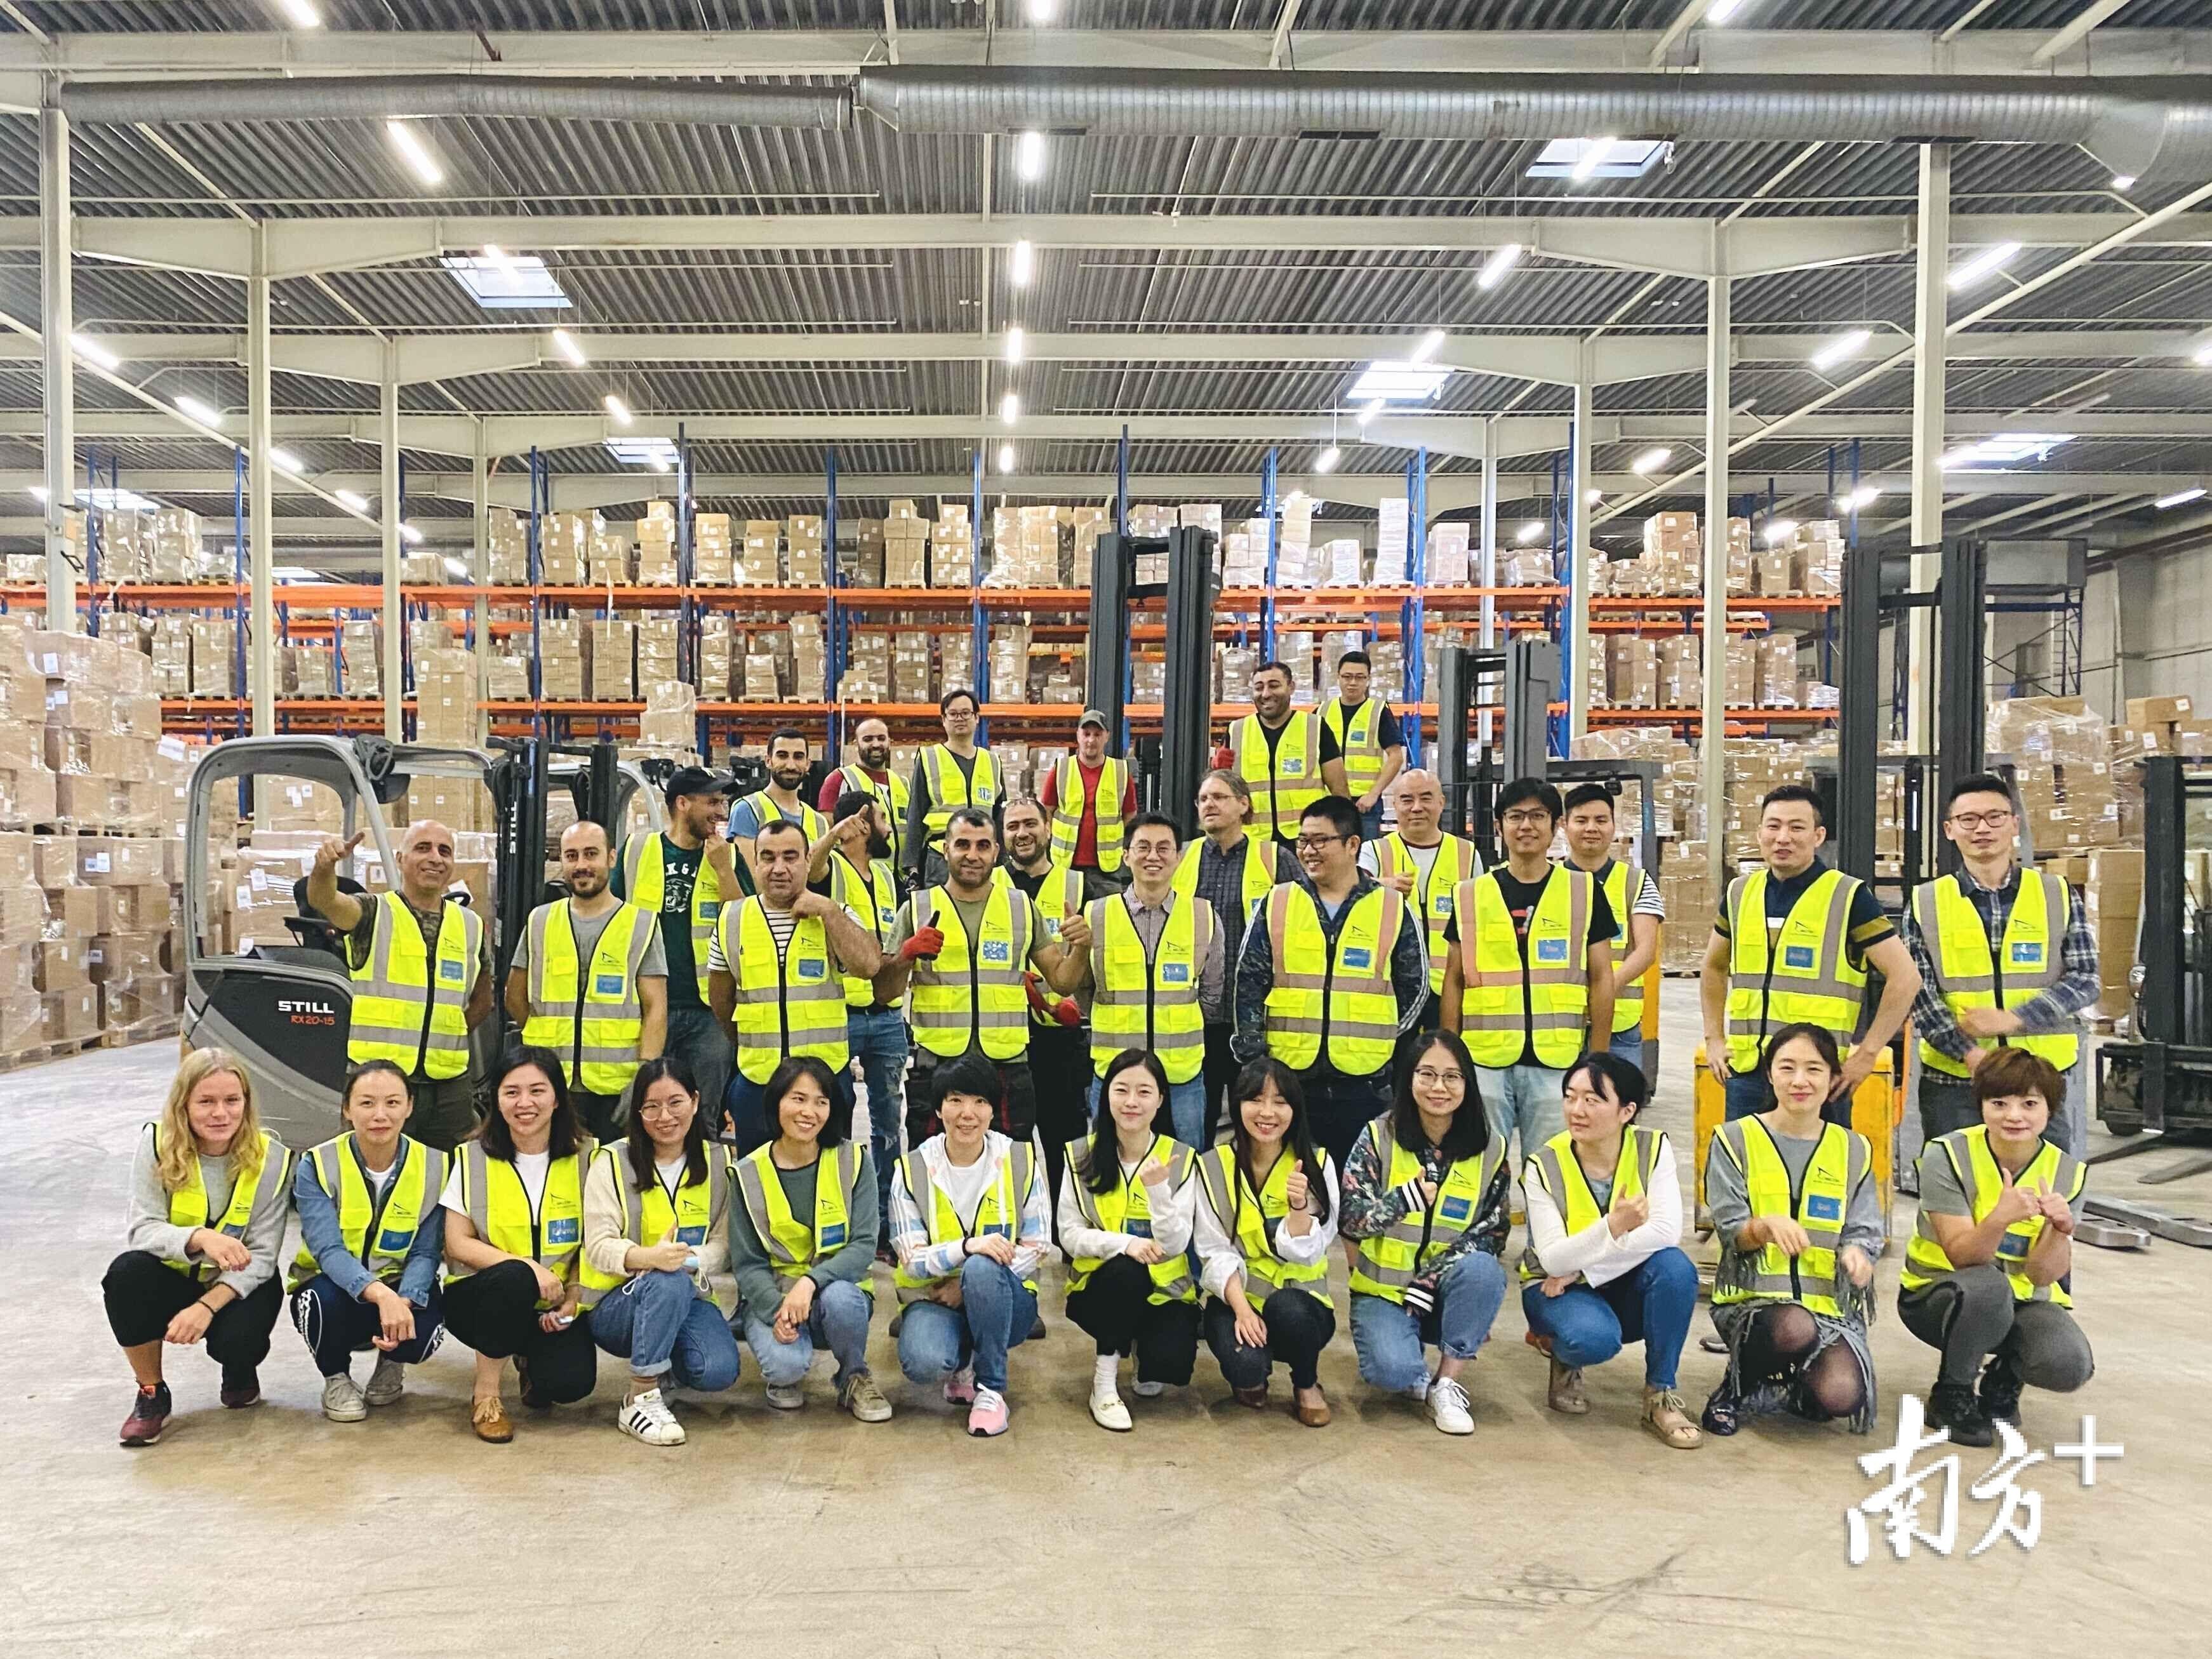 广东甜秘密寝具有限公司在海外建立的仓储基地。受访者供图